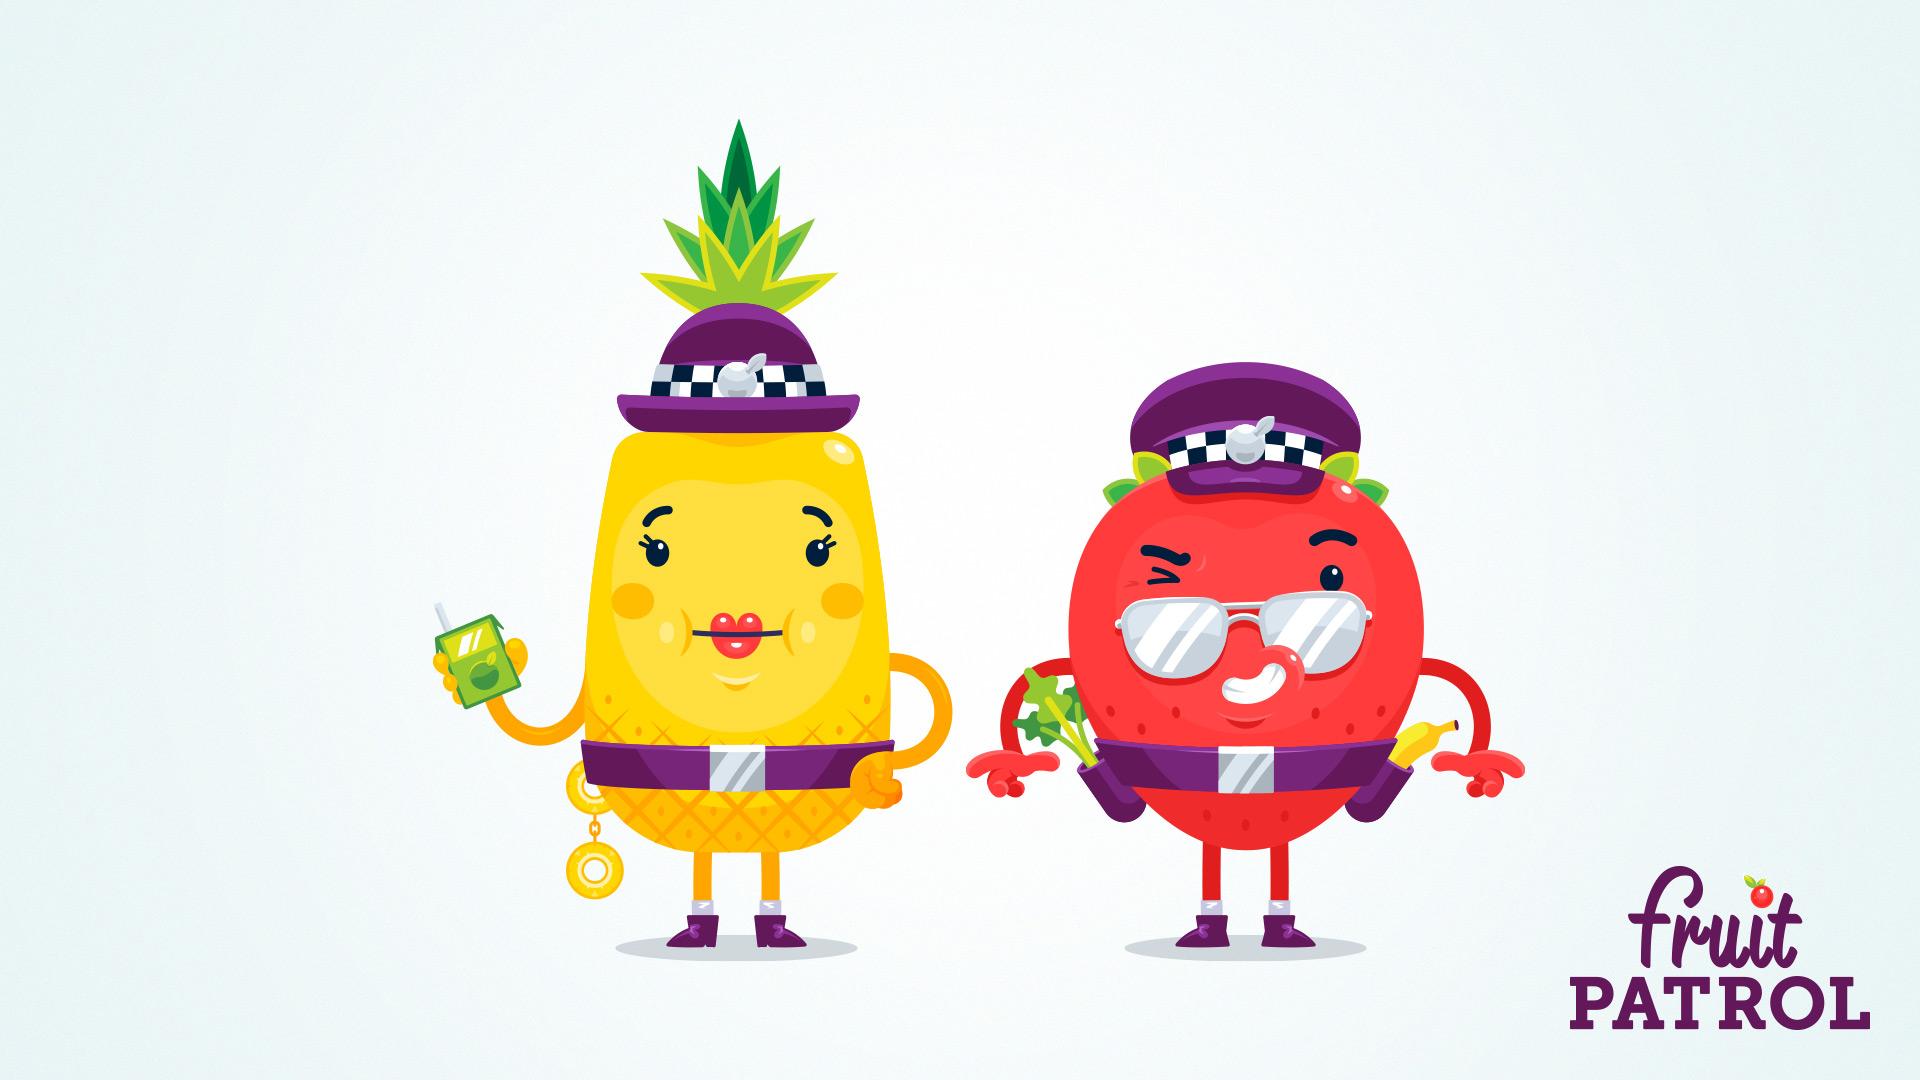 Fruit_Patrol_characters_1.jpg